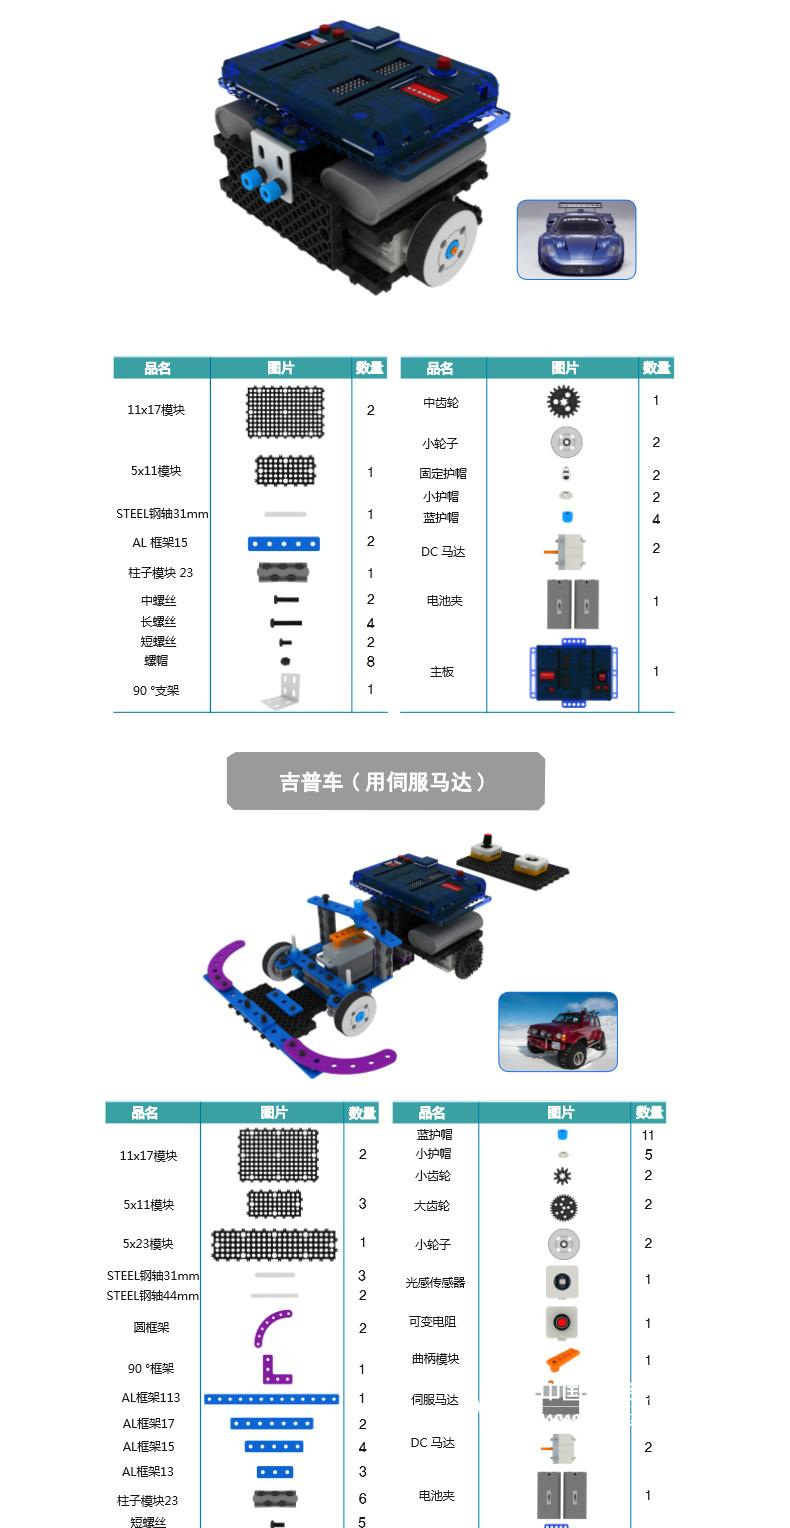 韩端教育机器人MRT-Duino图形化编程教具